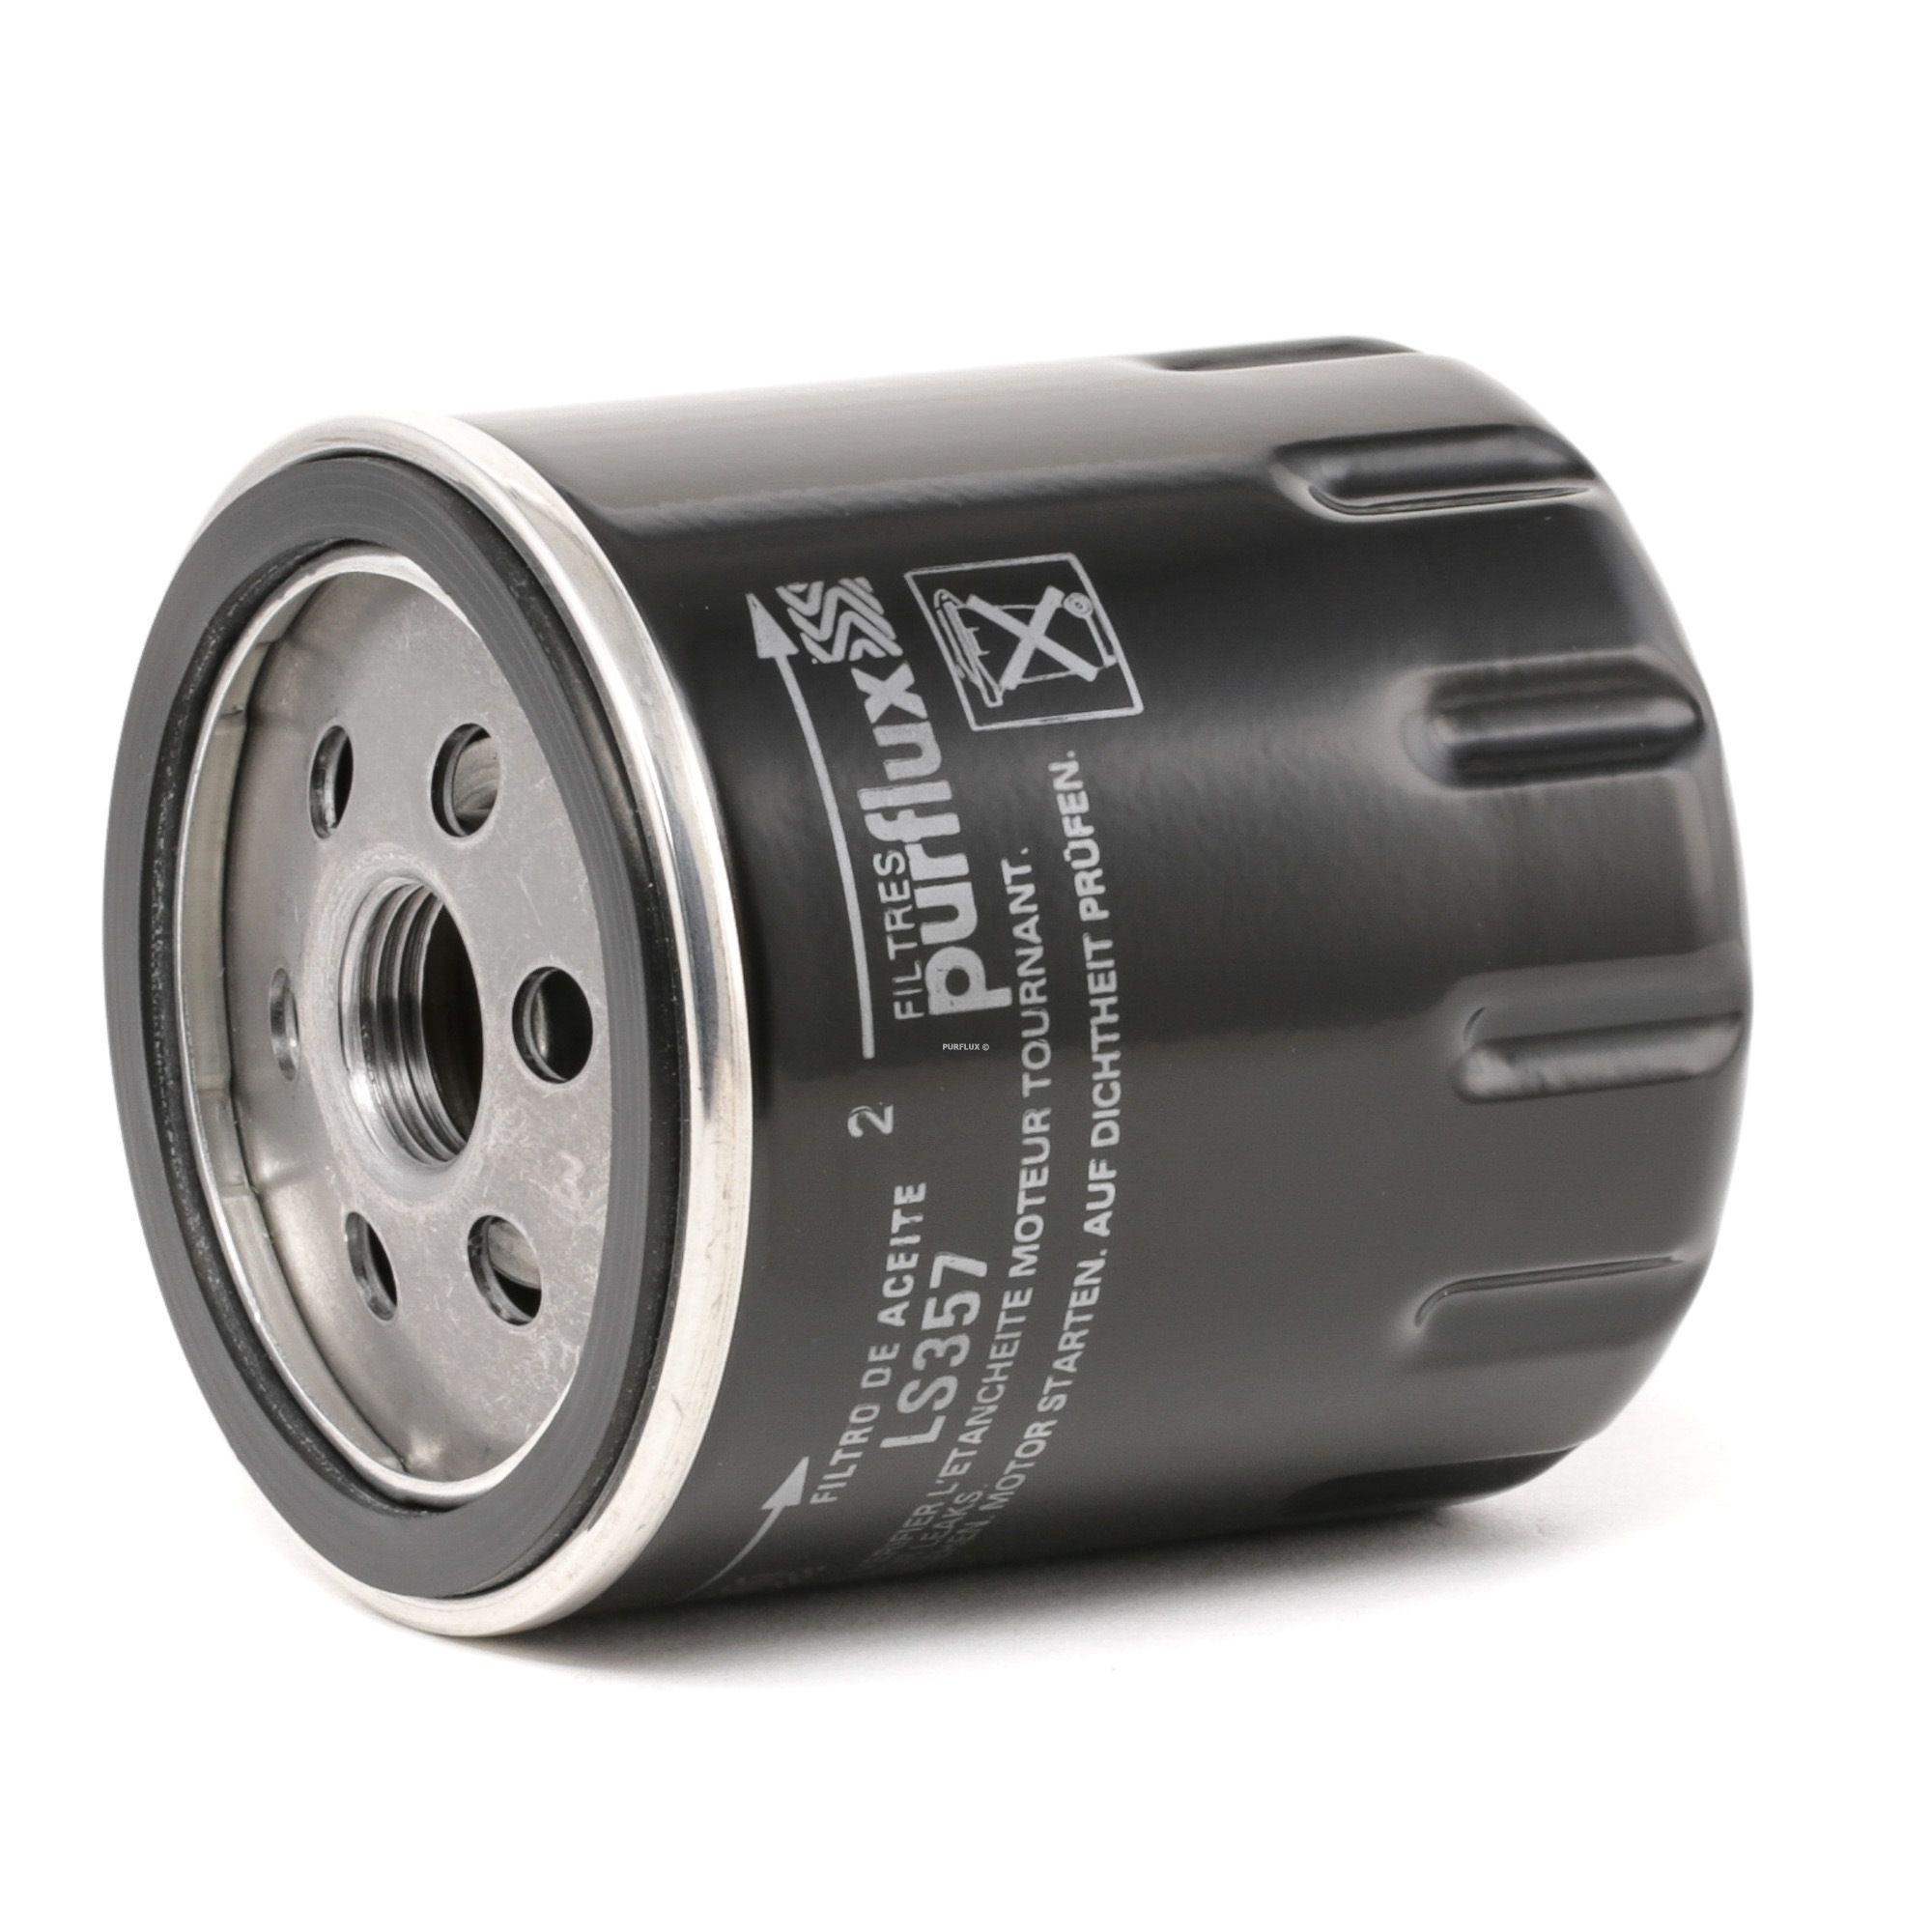 Wechselfilter PURFLUX LS357 Bewertung